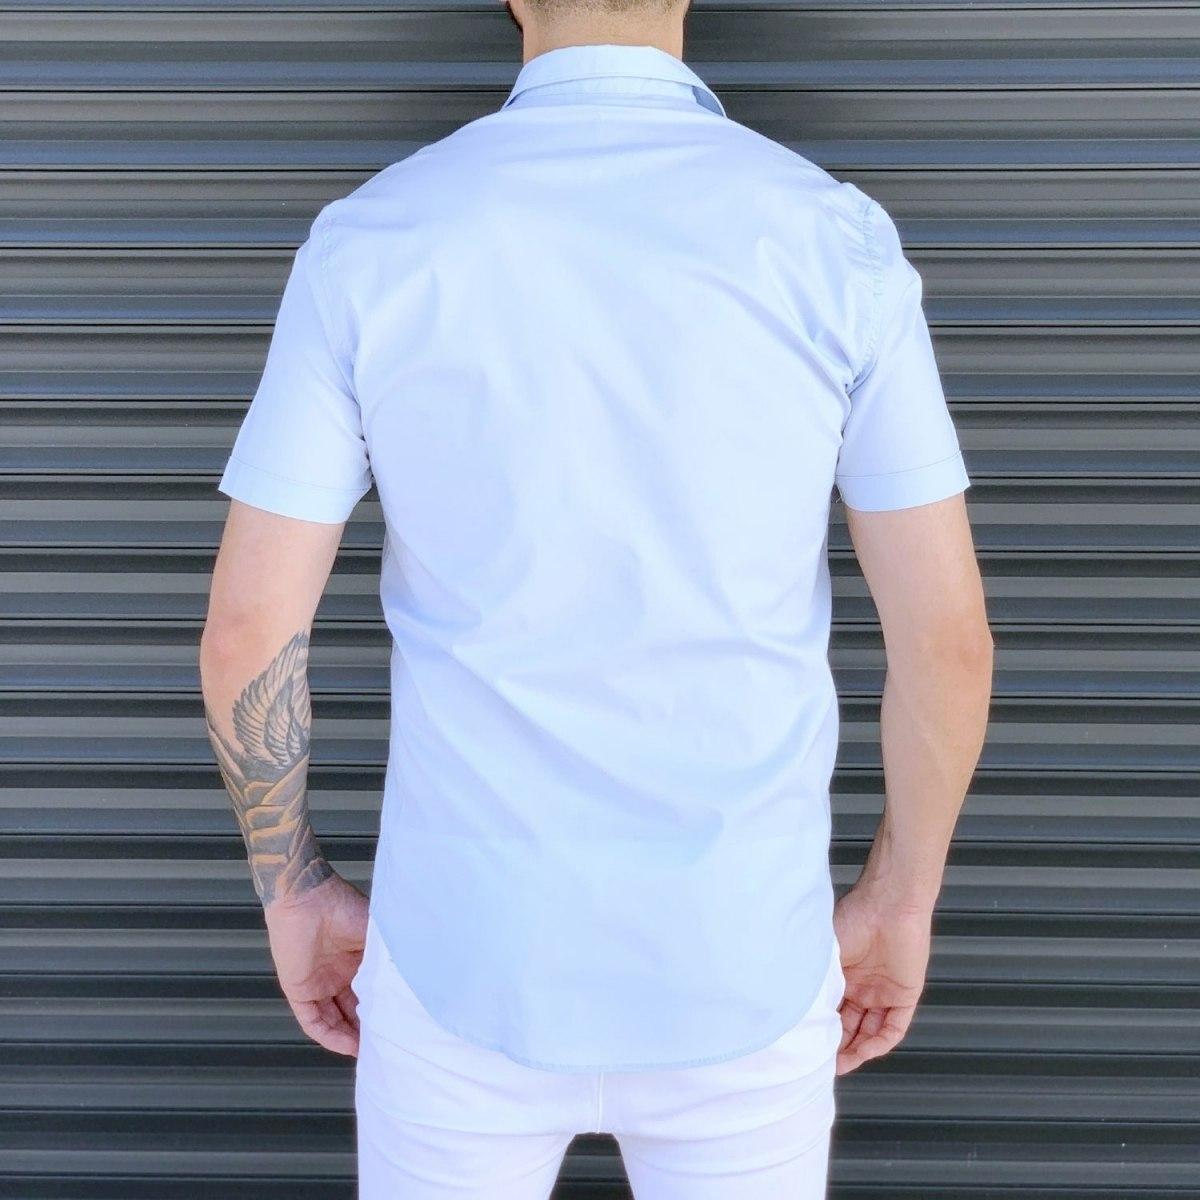 Men's Basic Slim Fit Summer Shirt In White Mv Premium Brand - 3